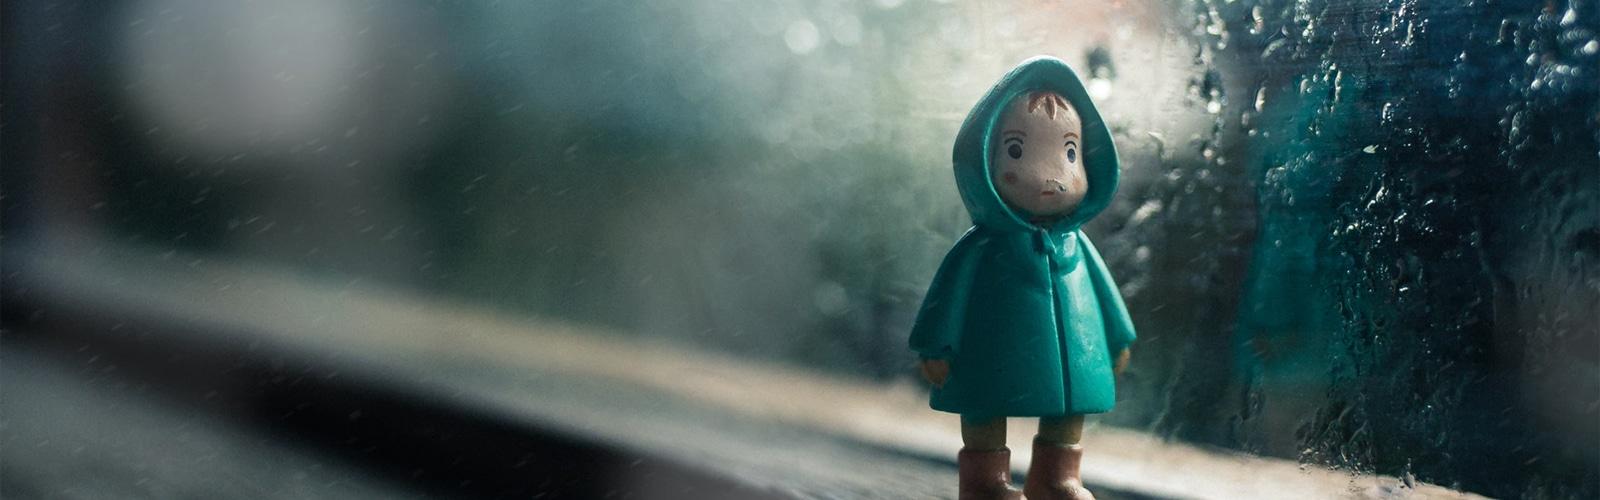 Activités pour enfants durant les weekend pluvieux : 3 idées qui marchent à coup sûr !